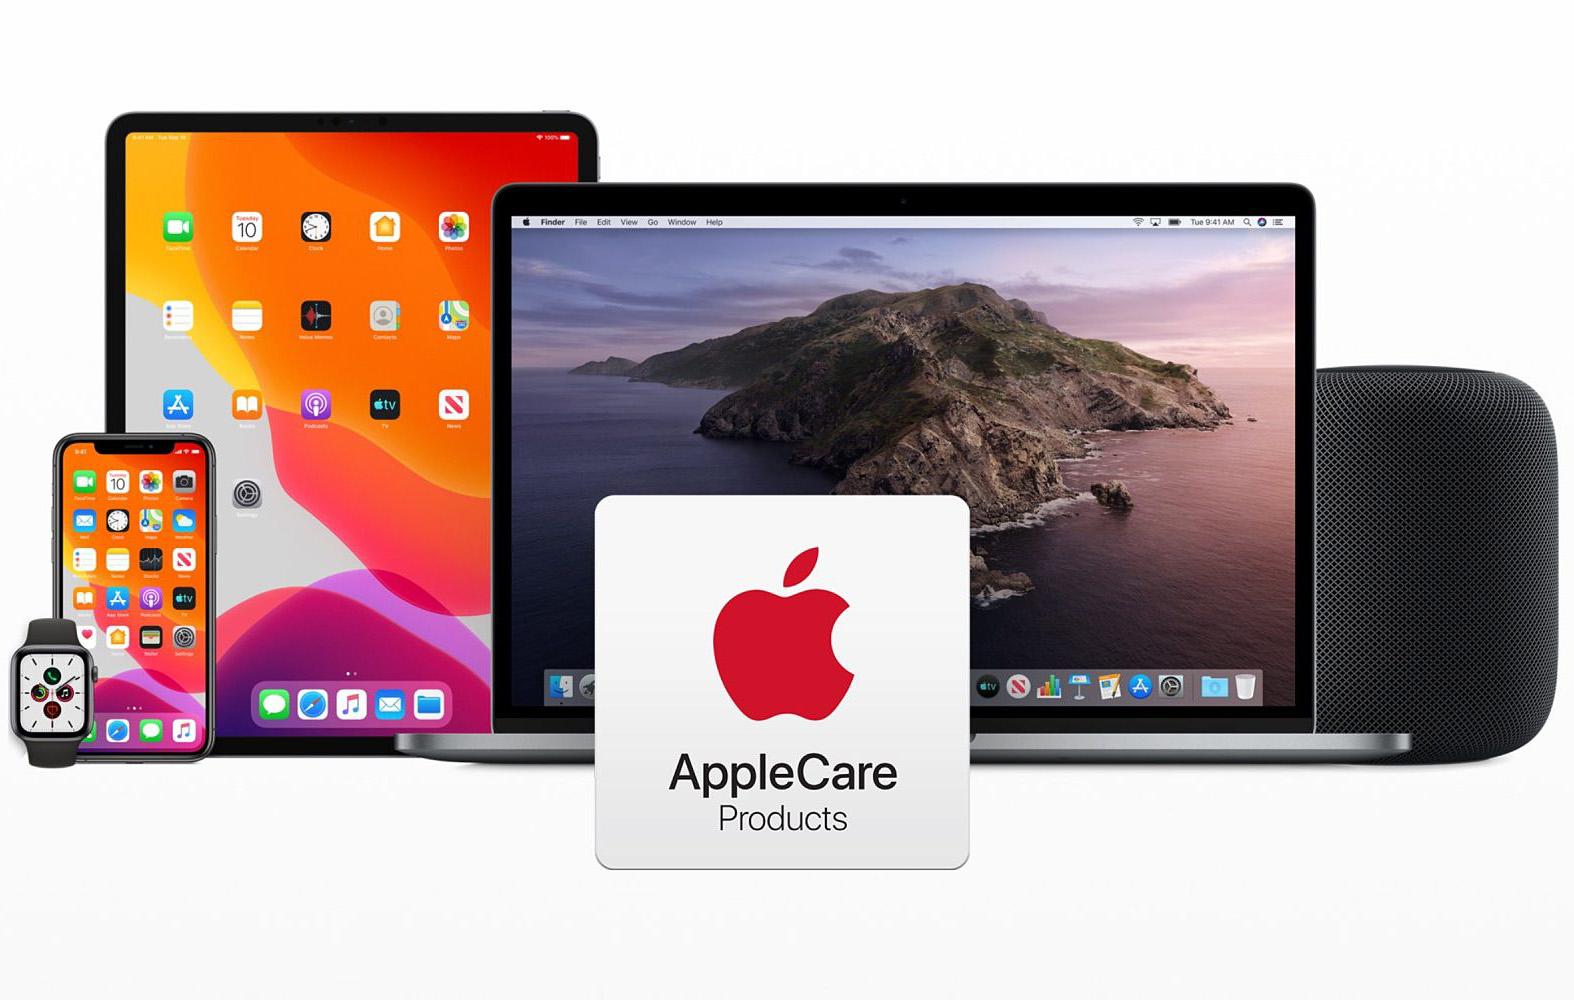 不用一次付!AppleCare+ 可選擇按月付款延長保固 | iPhone News 愛瘋了